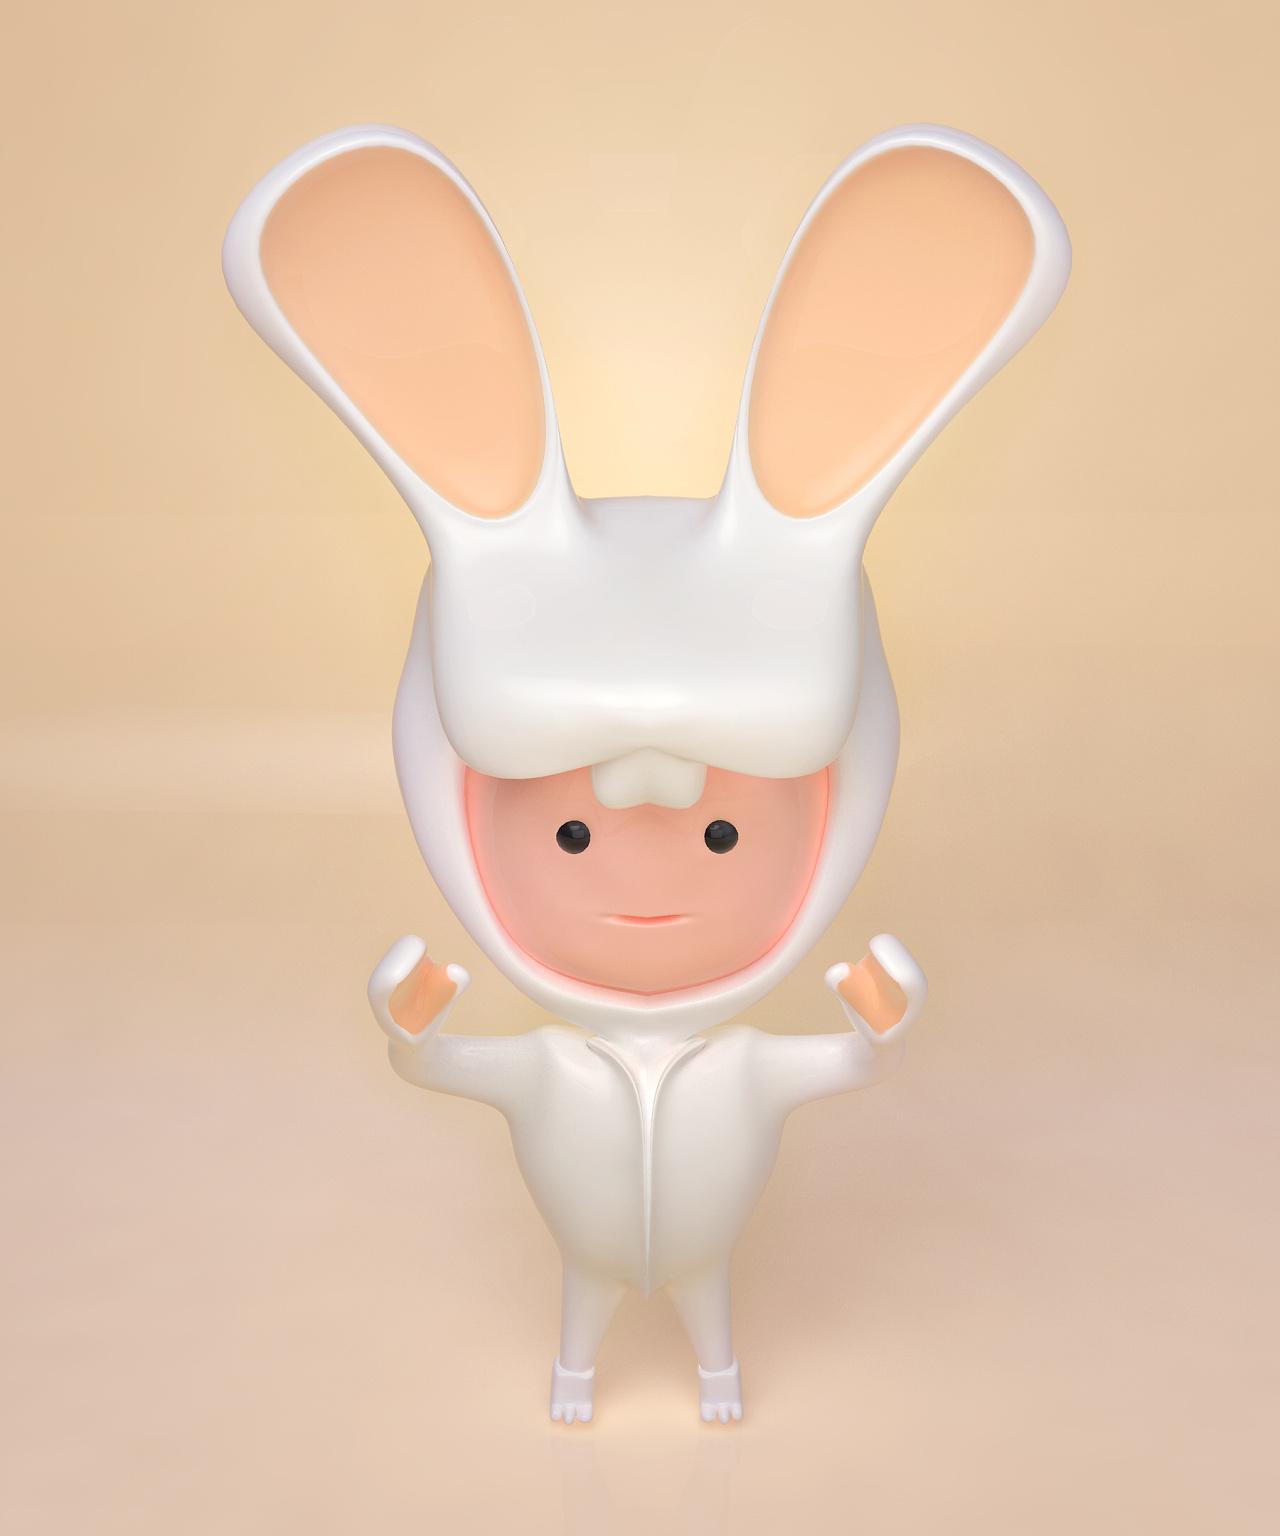 拟人化 小兔人